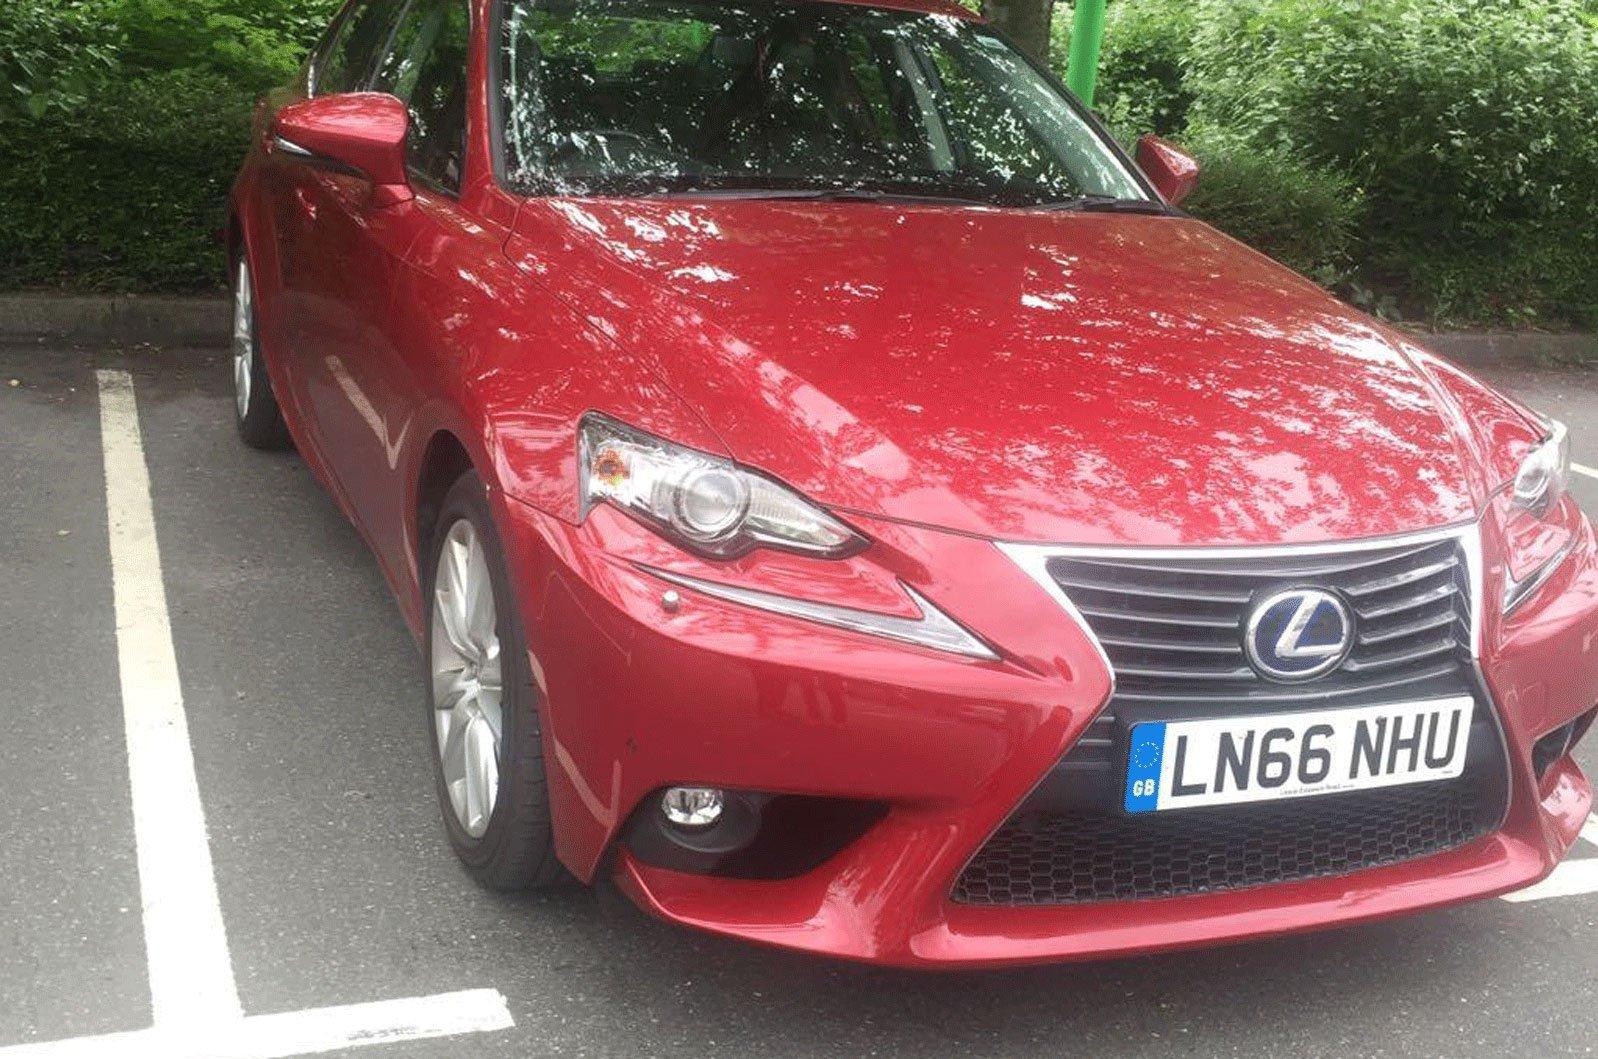 Lexus IS askwhatcar